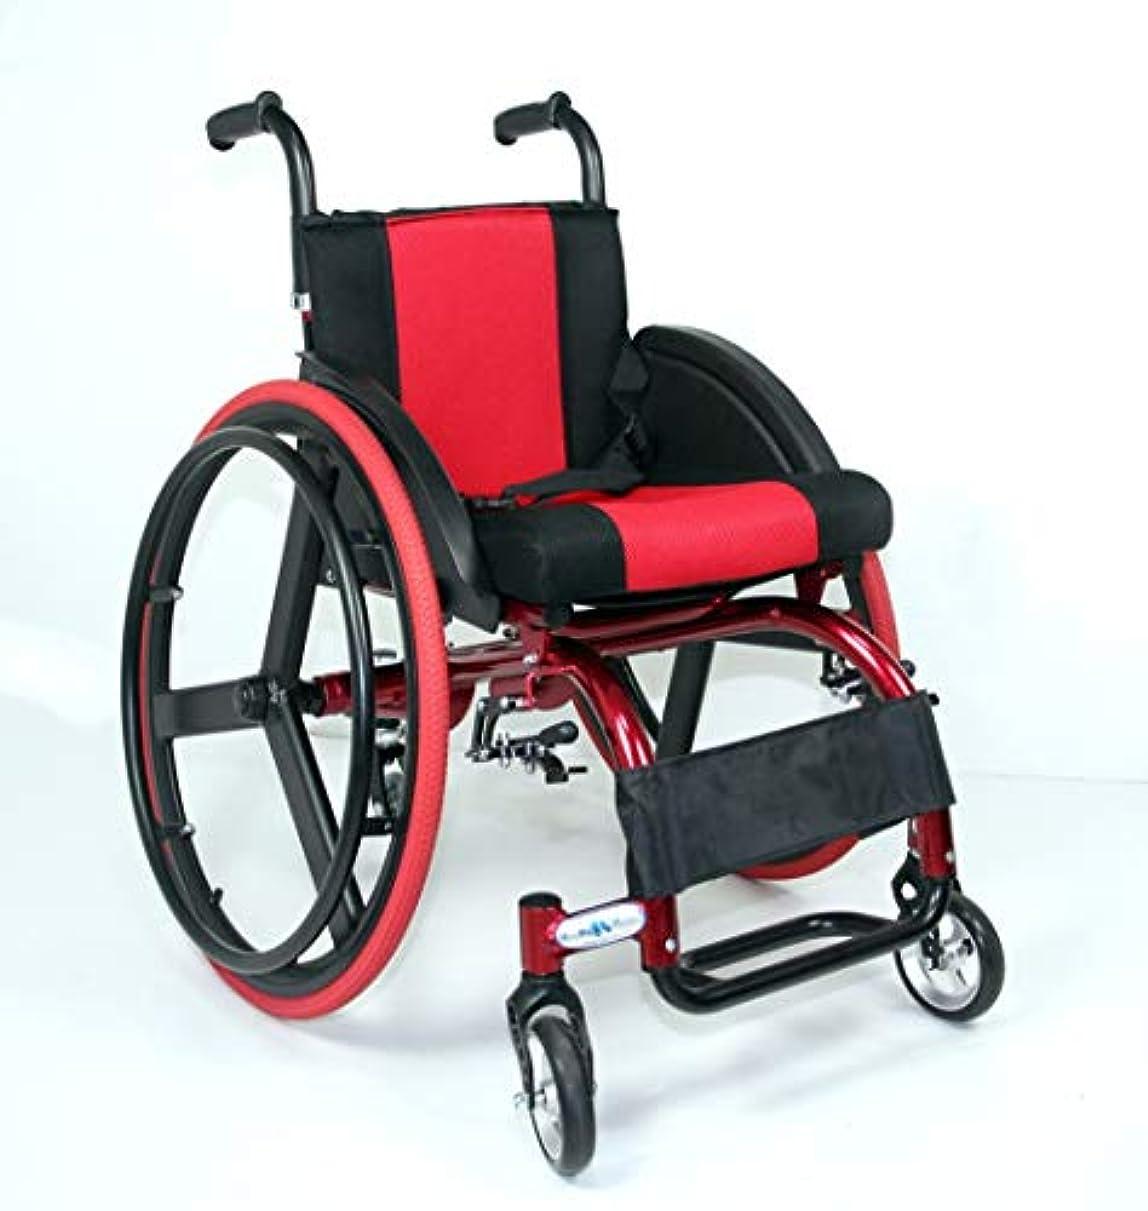 彼女自身火薬テキストアルミ合金のクイックリリースの後部車輪の衝撃吸収材のトロリーが付いている余暇の車椅子ライトポータブル、24インチの後部車輪は1つのボタンで取除くことができます